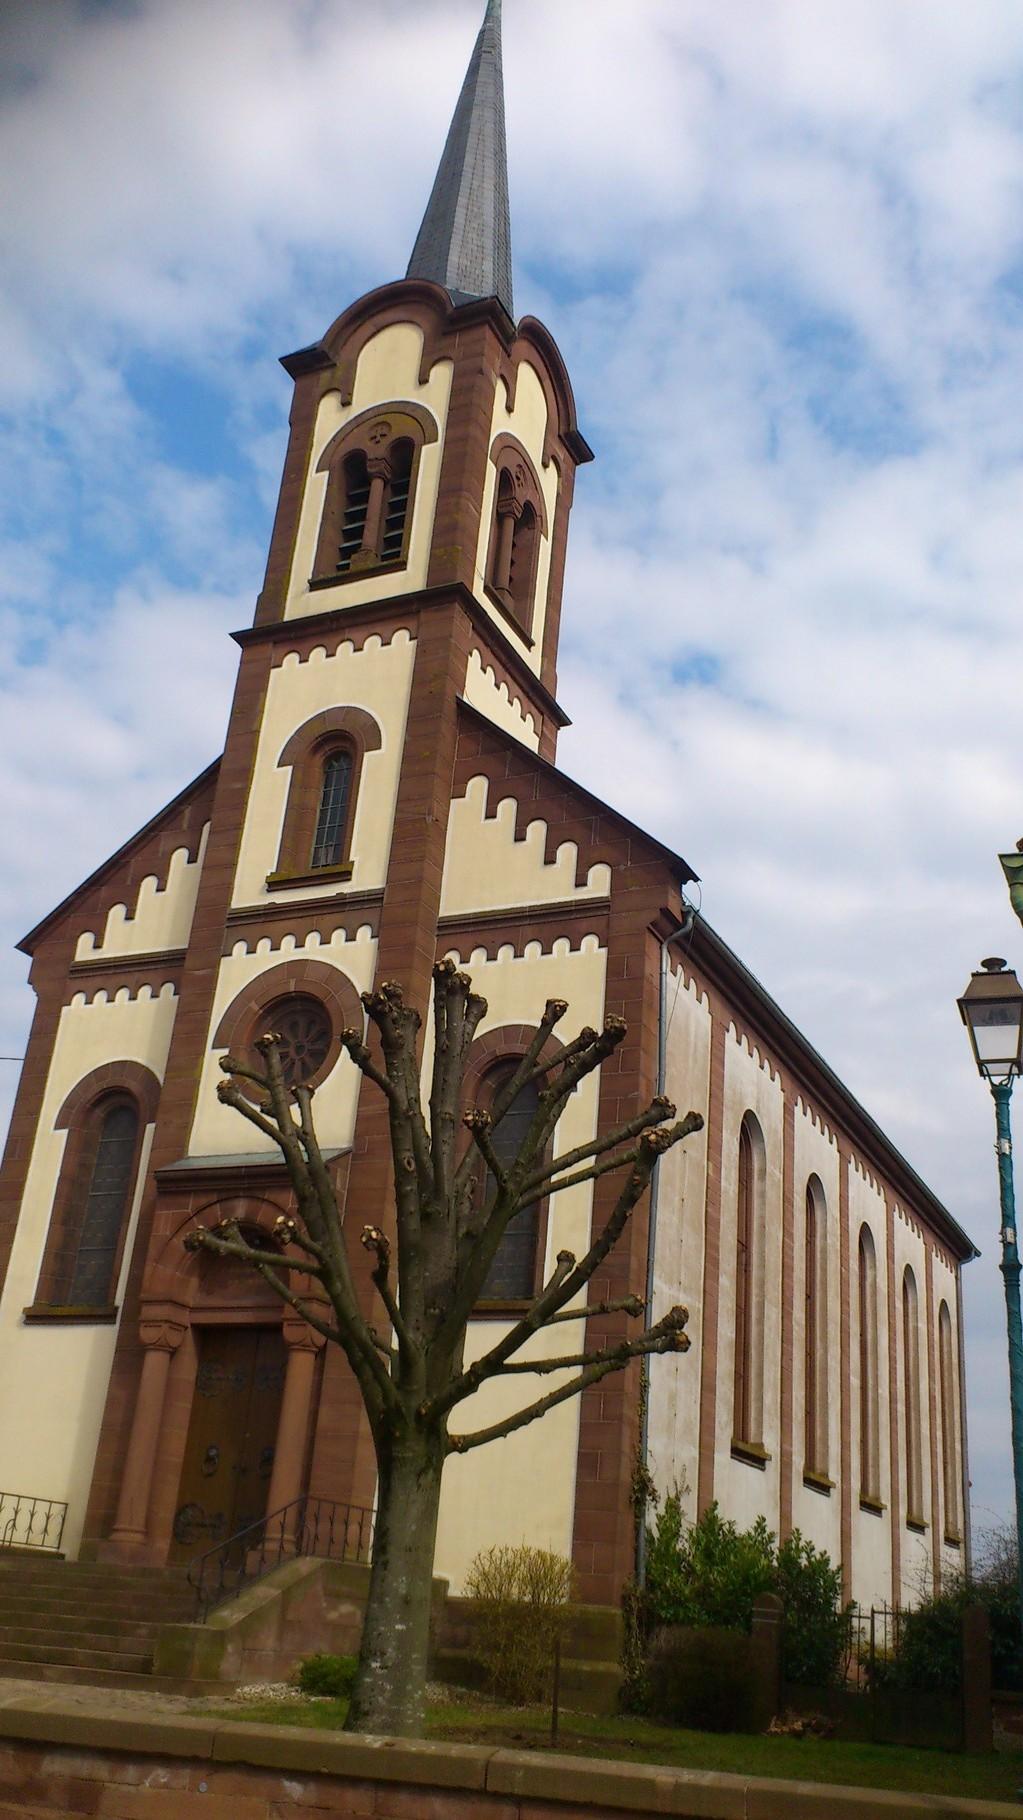 Eglise St Michel - Frœschwiller